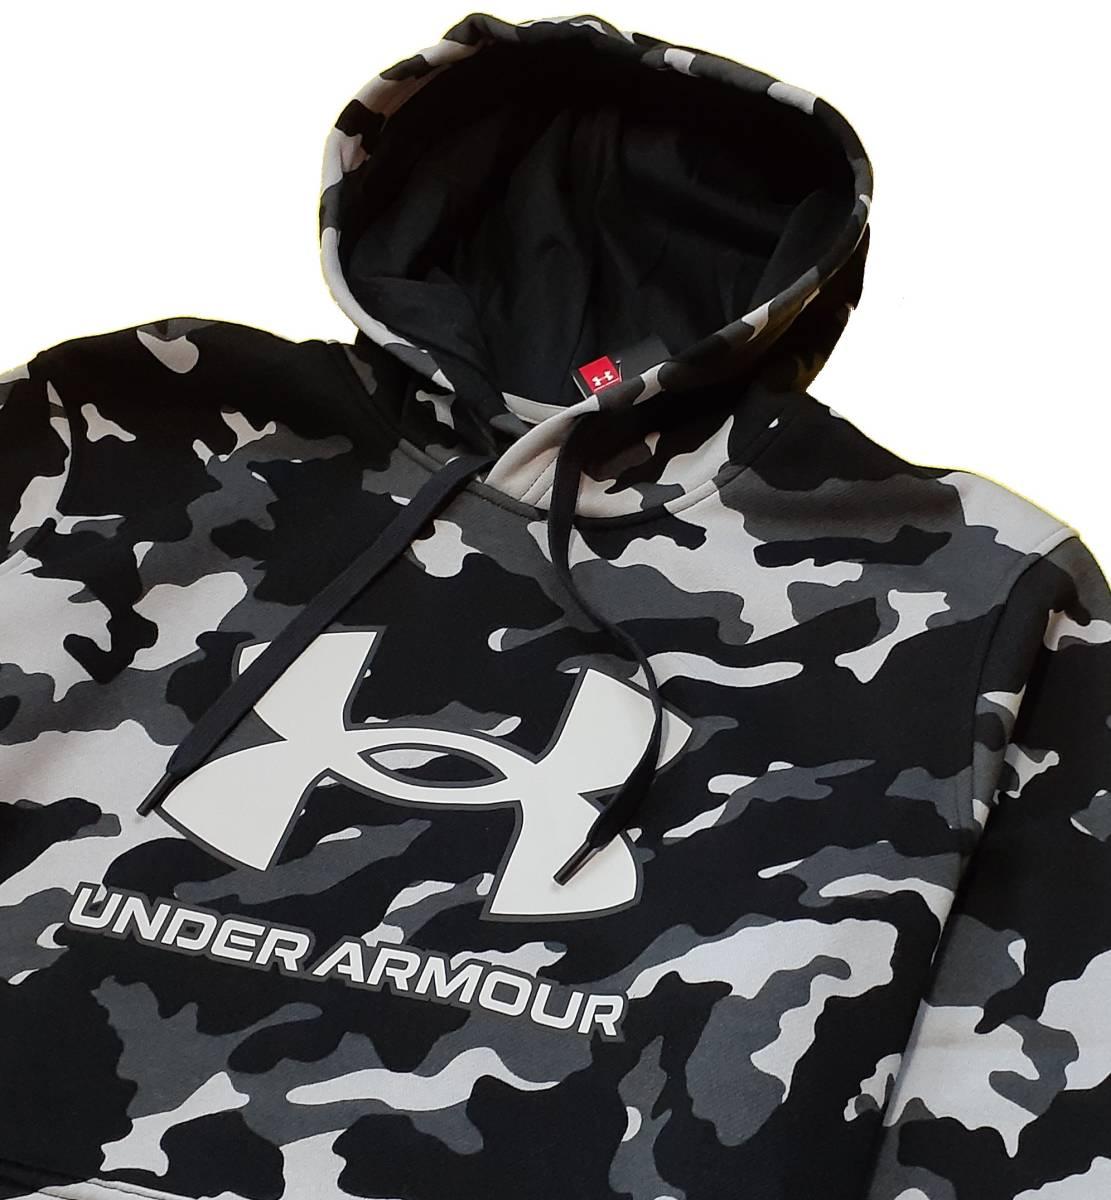 UA アンダーアーマー カモ ライバルフリース パーカー フーディー ジャケット+ ジョガー パンツ 上下セット/メンズ/新品/XL_画像3